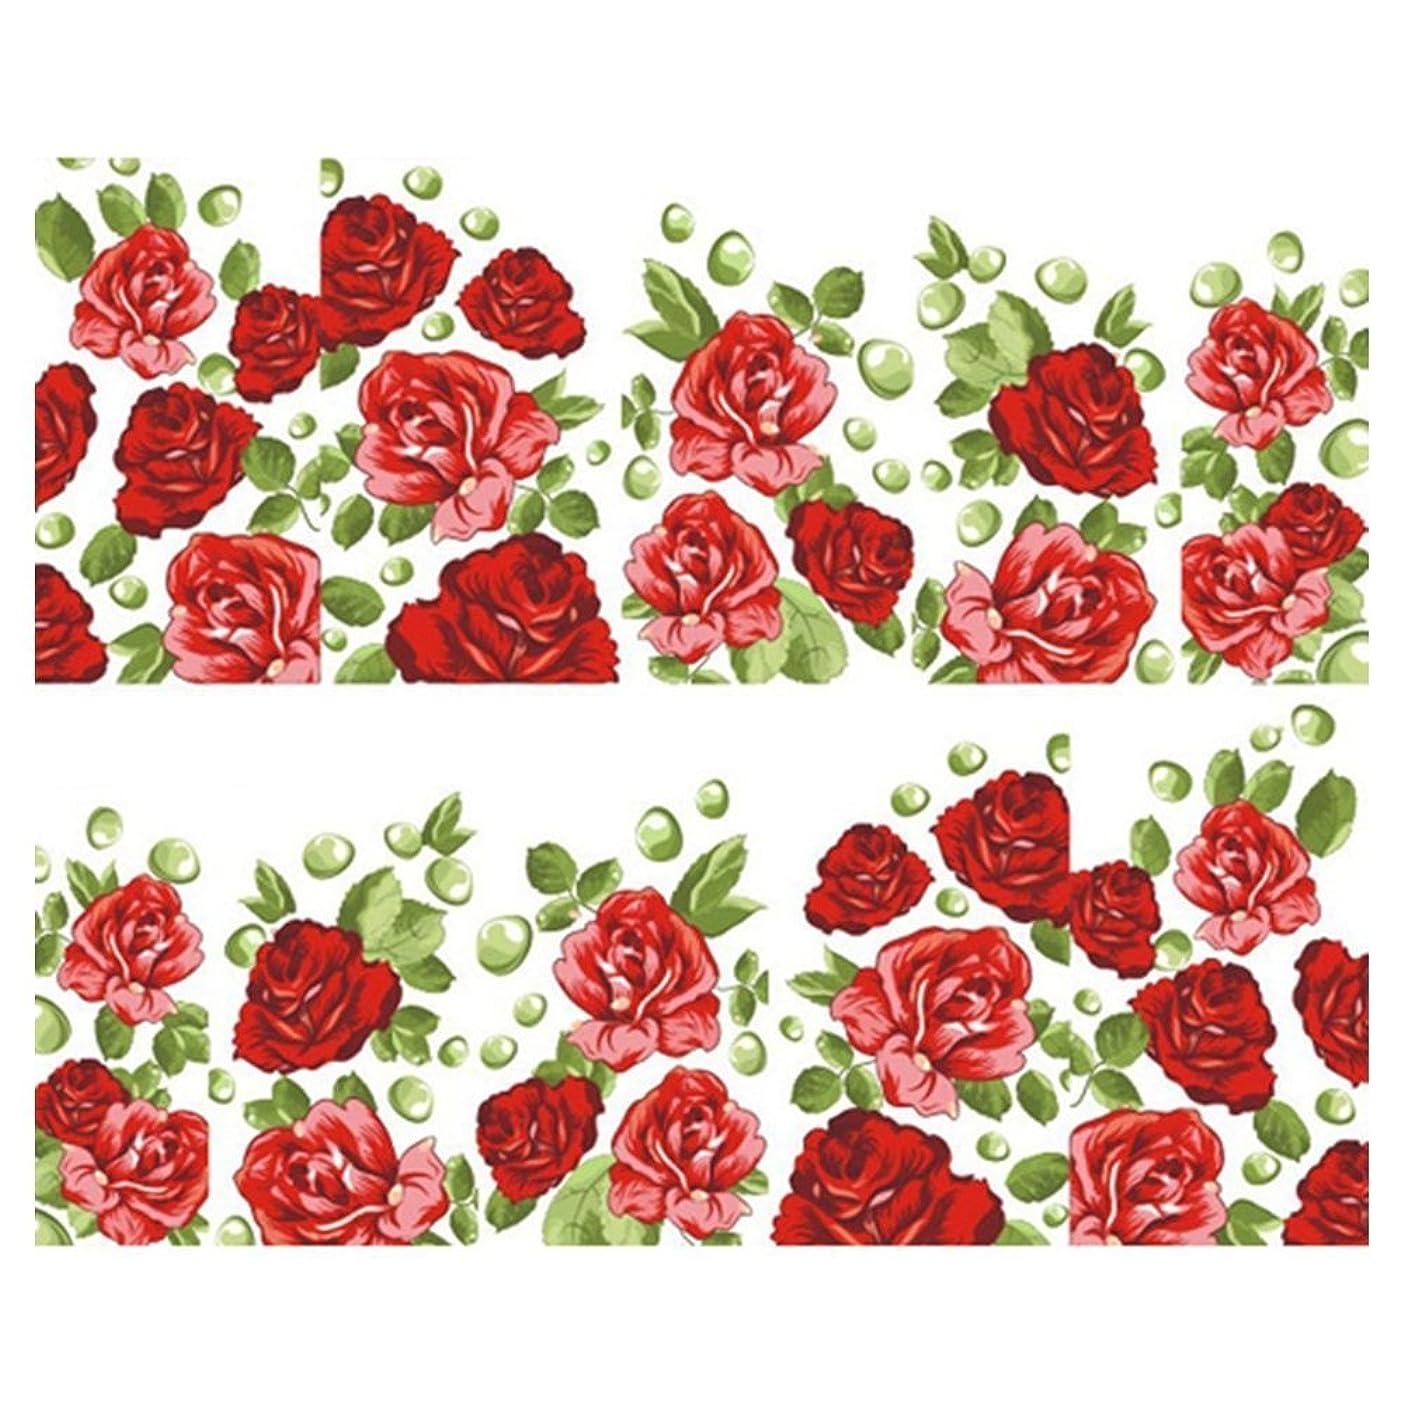 学習者法律により静かにSODIAL(R) 綺麗な花装飾 水転写プリント ネイルアートマニキュア(SY1602)